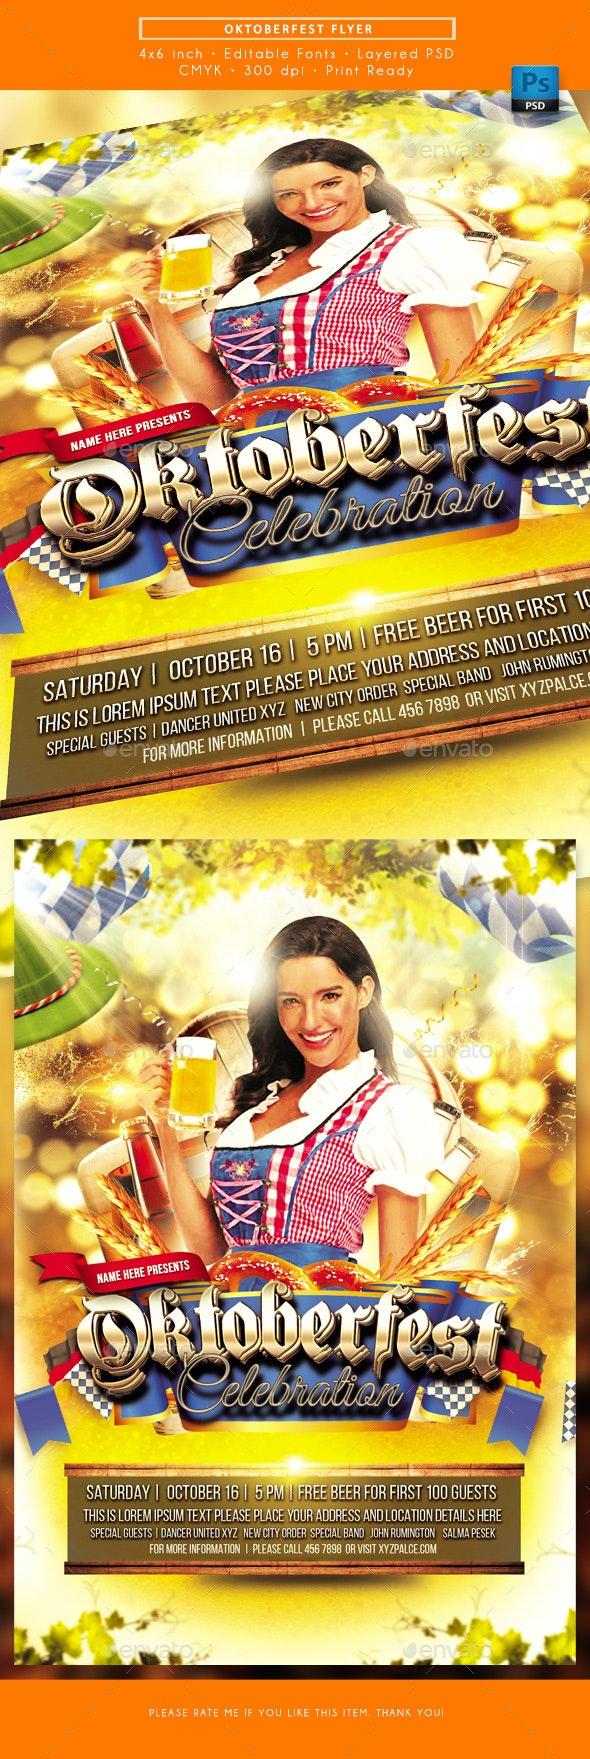 Oktoberfest Celebration Flyer - Events Flyers